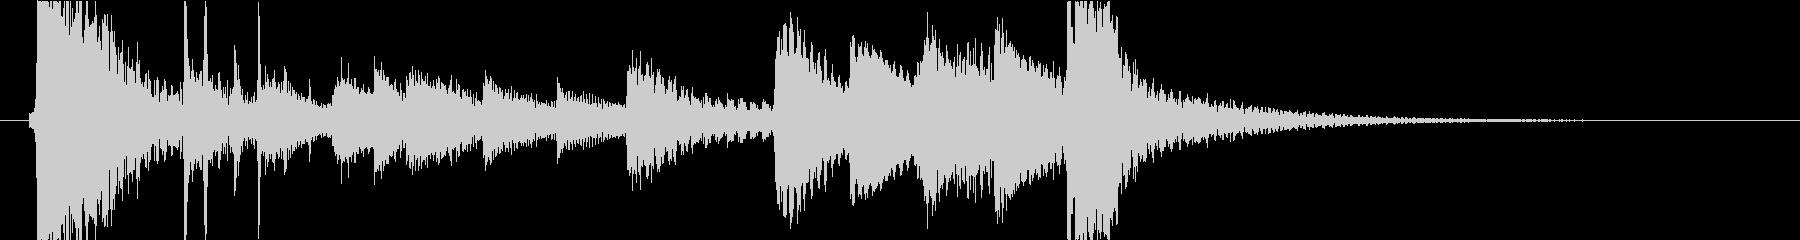 琴と鼓とカエルの和風でポップなジングルの未再生の波形